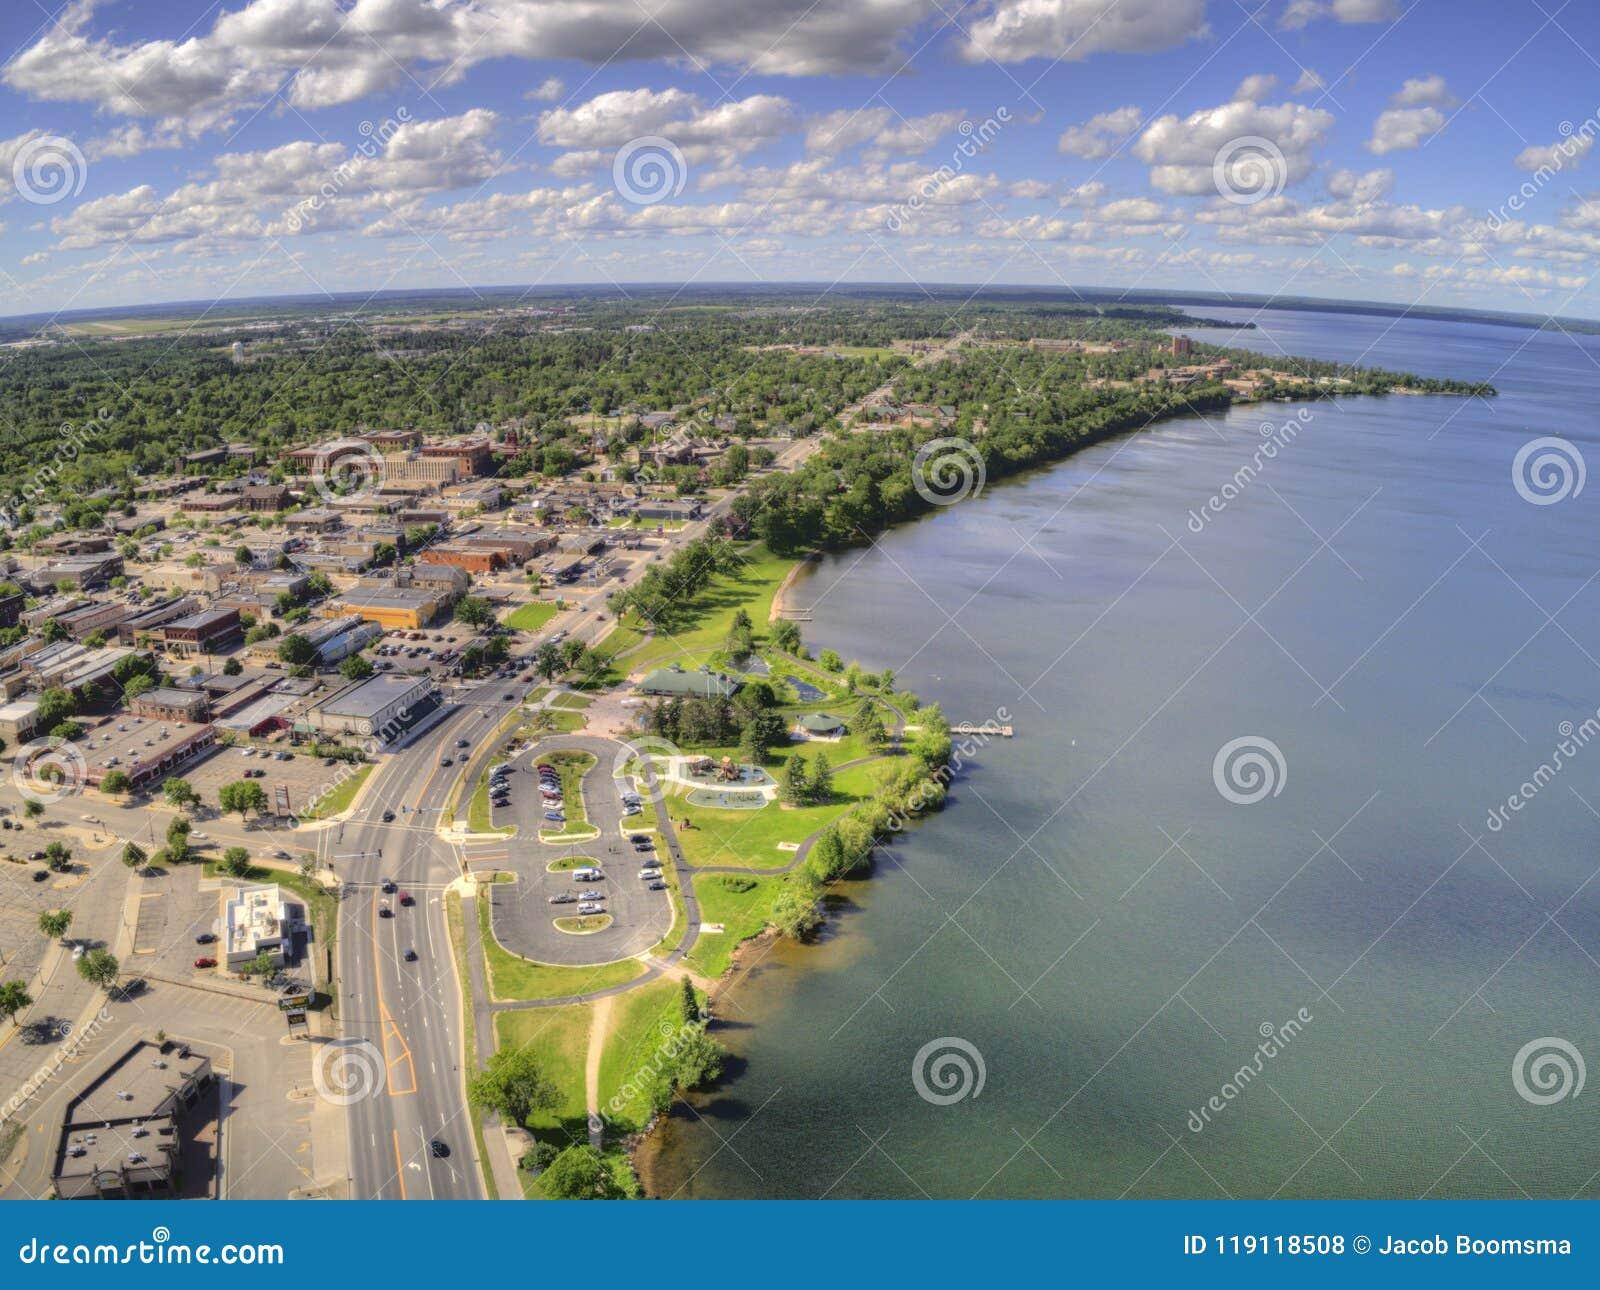 Bemidji ist eine Stadt in Mittel-Minnesota auf den Ufern von einem See mit dem gleichen Namen